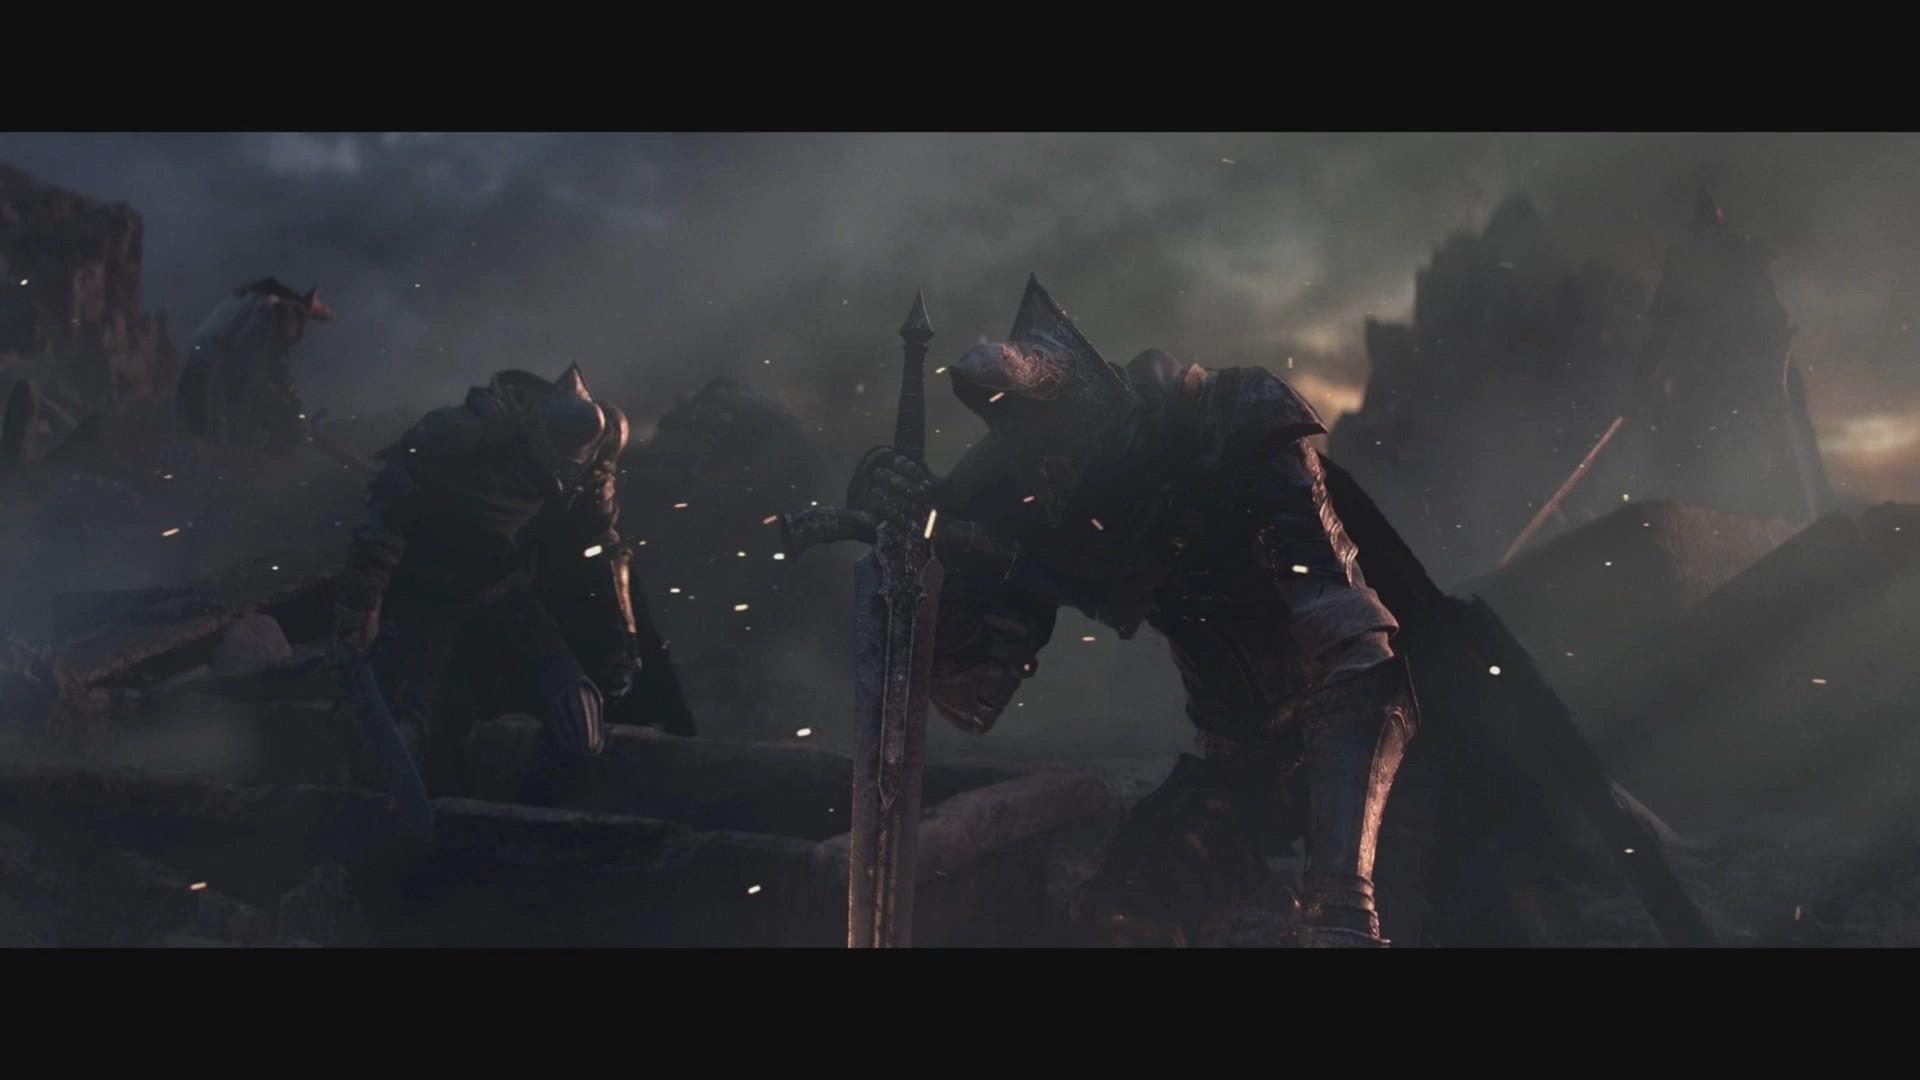 《黑魂3》XSX主机60帧演示视频:受苦之旅丝滑流畅!